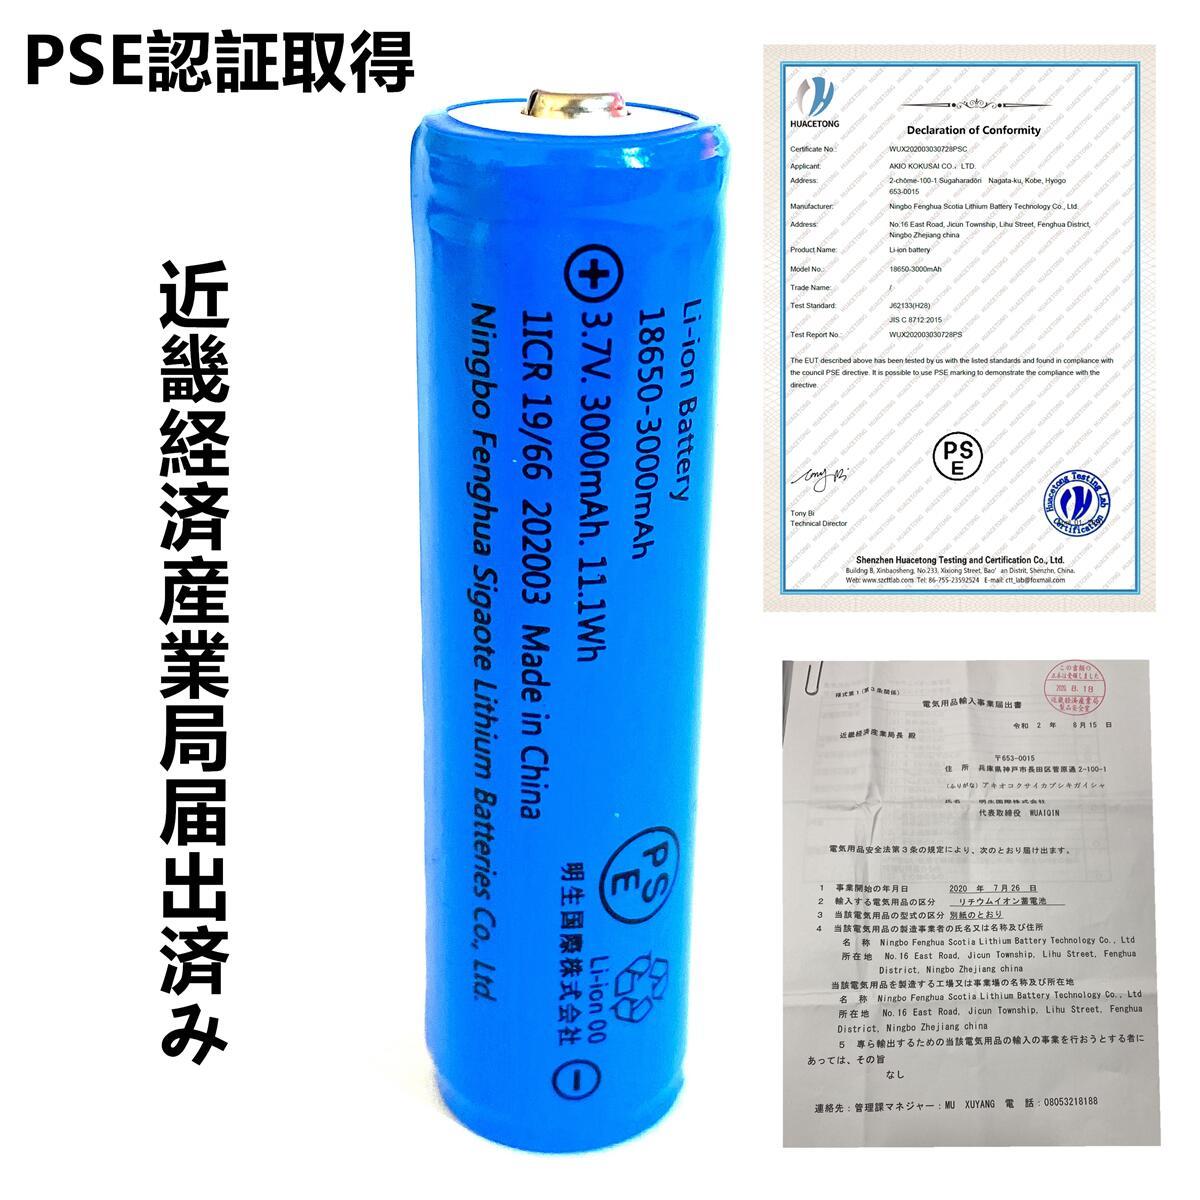 PSE認証済み18650リチウムイオン充電池4本 懐中電灯用 PSE認証済み 大容量3000mAh 3.7V充電式バッテリー 18650リチウムイオンバッテリー 電化製品用 激安☆超特価 充電池4本 往復送料無料